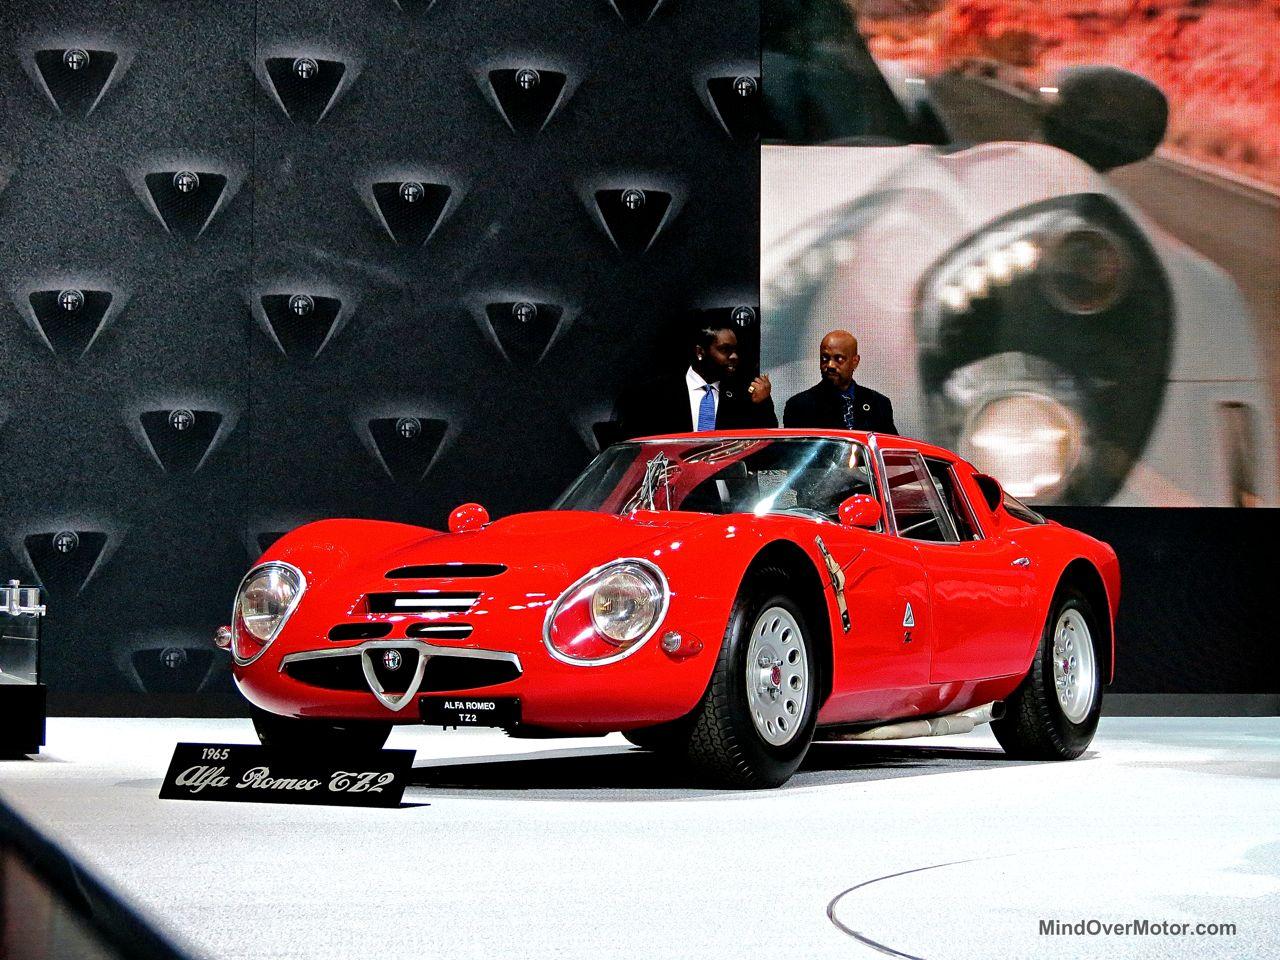 Alfa Romeo TZ2 NYIAS